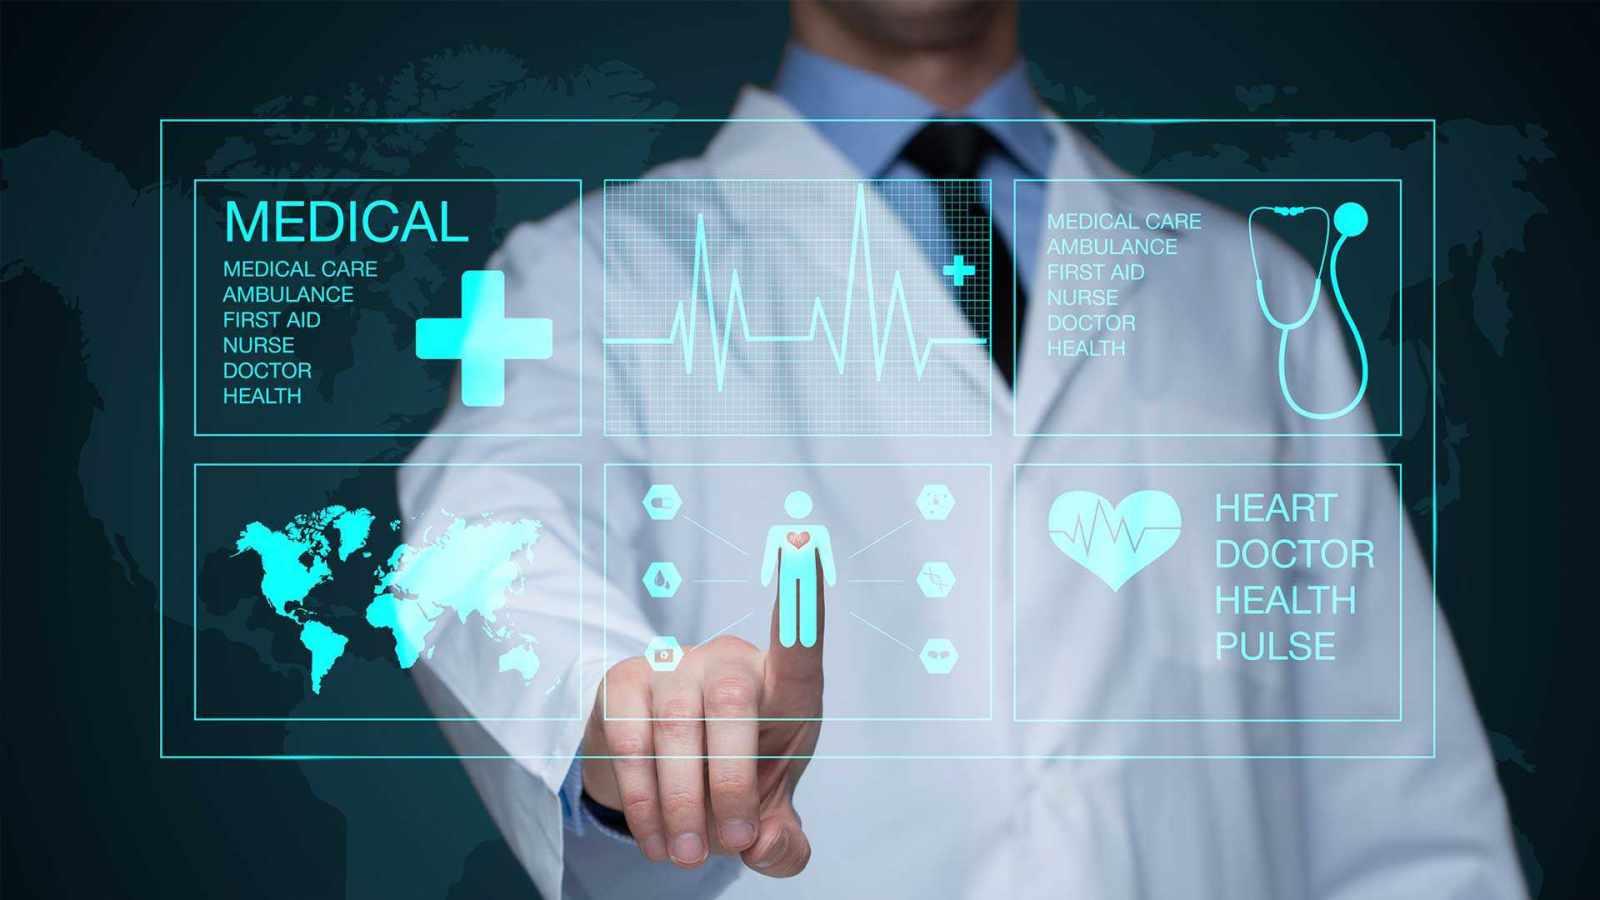 iot و نوسازی مراقبت های بهداشتی